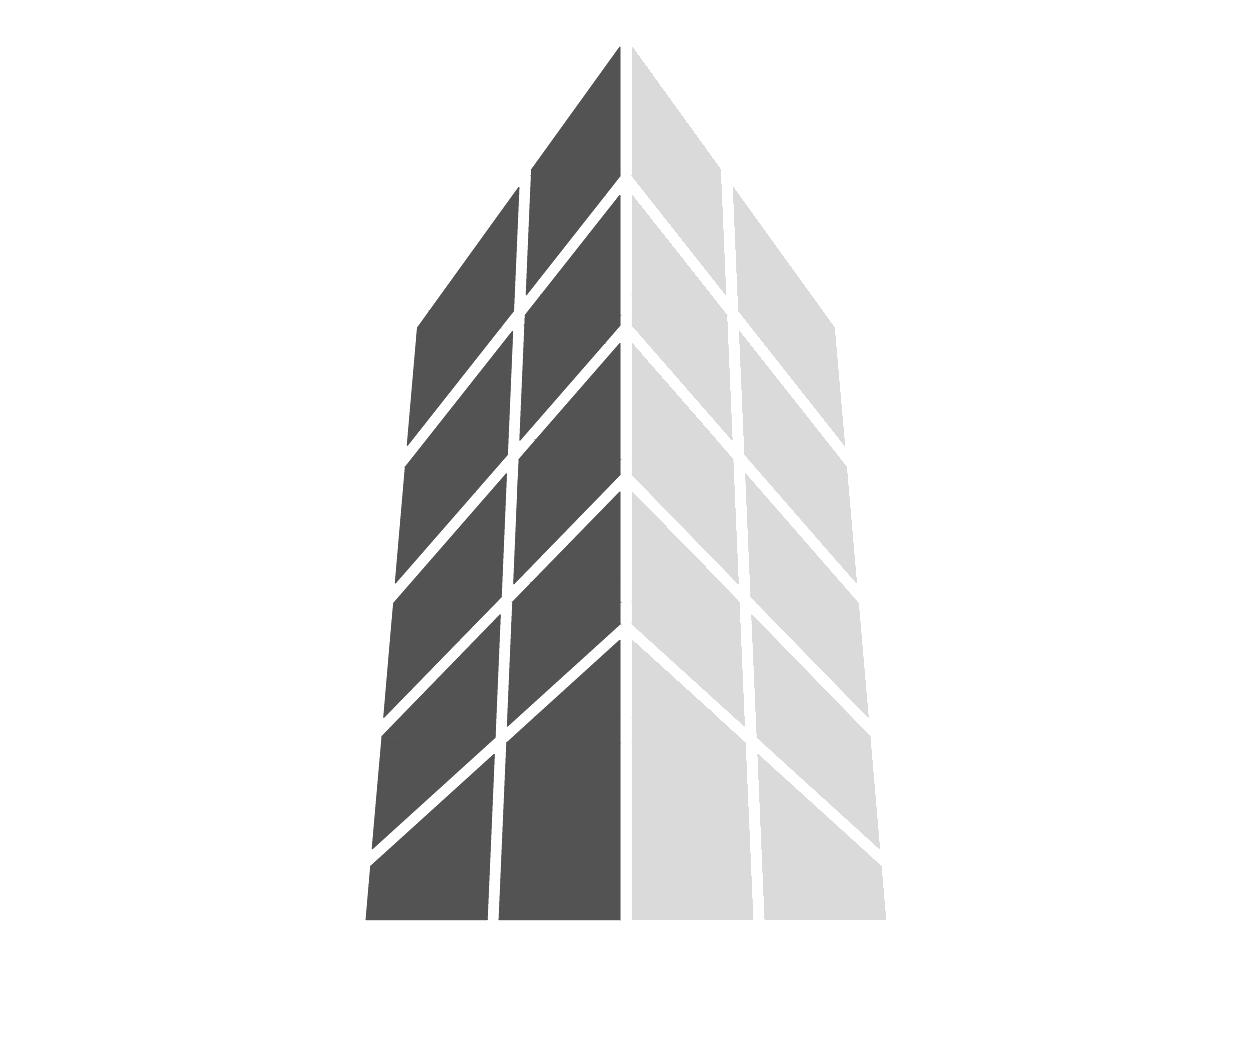 logo google - INEDVAL Ingenieru00eda y Edificaciu00f3n